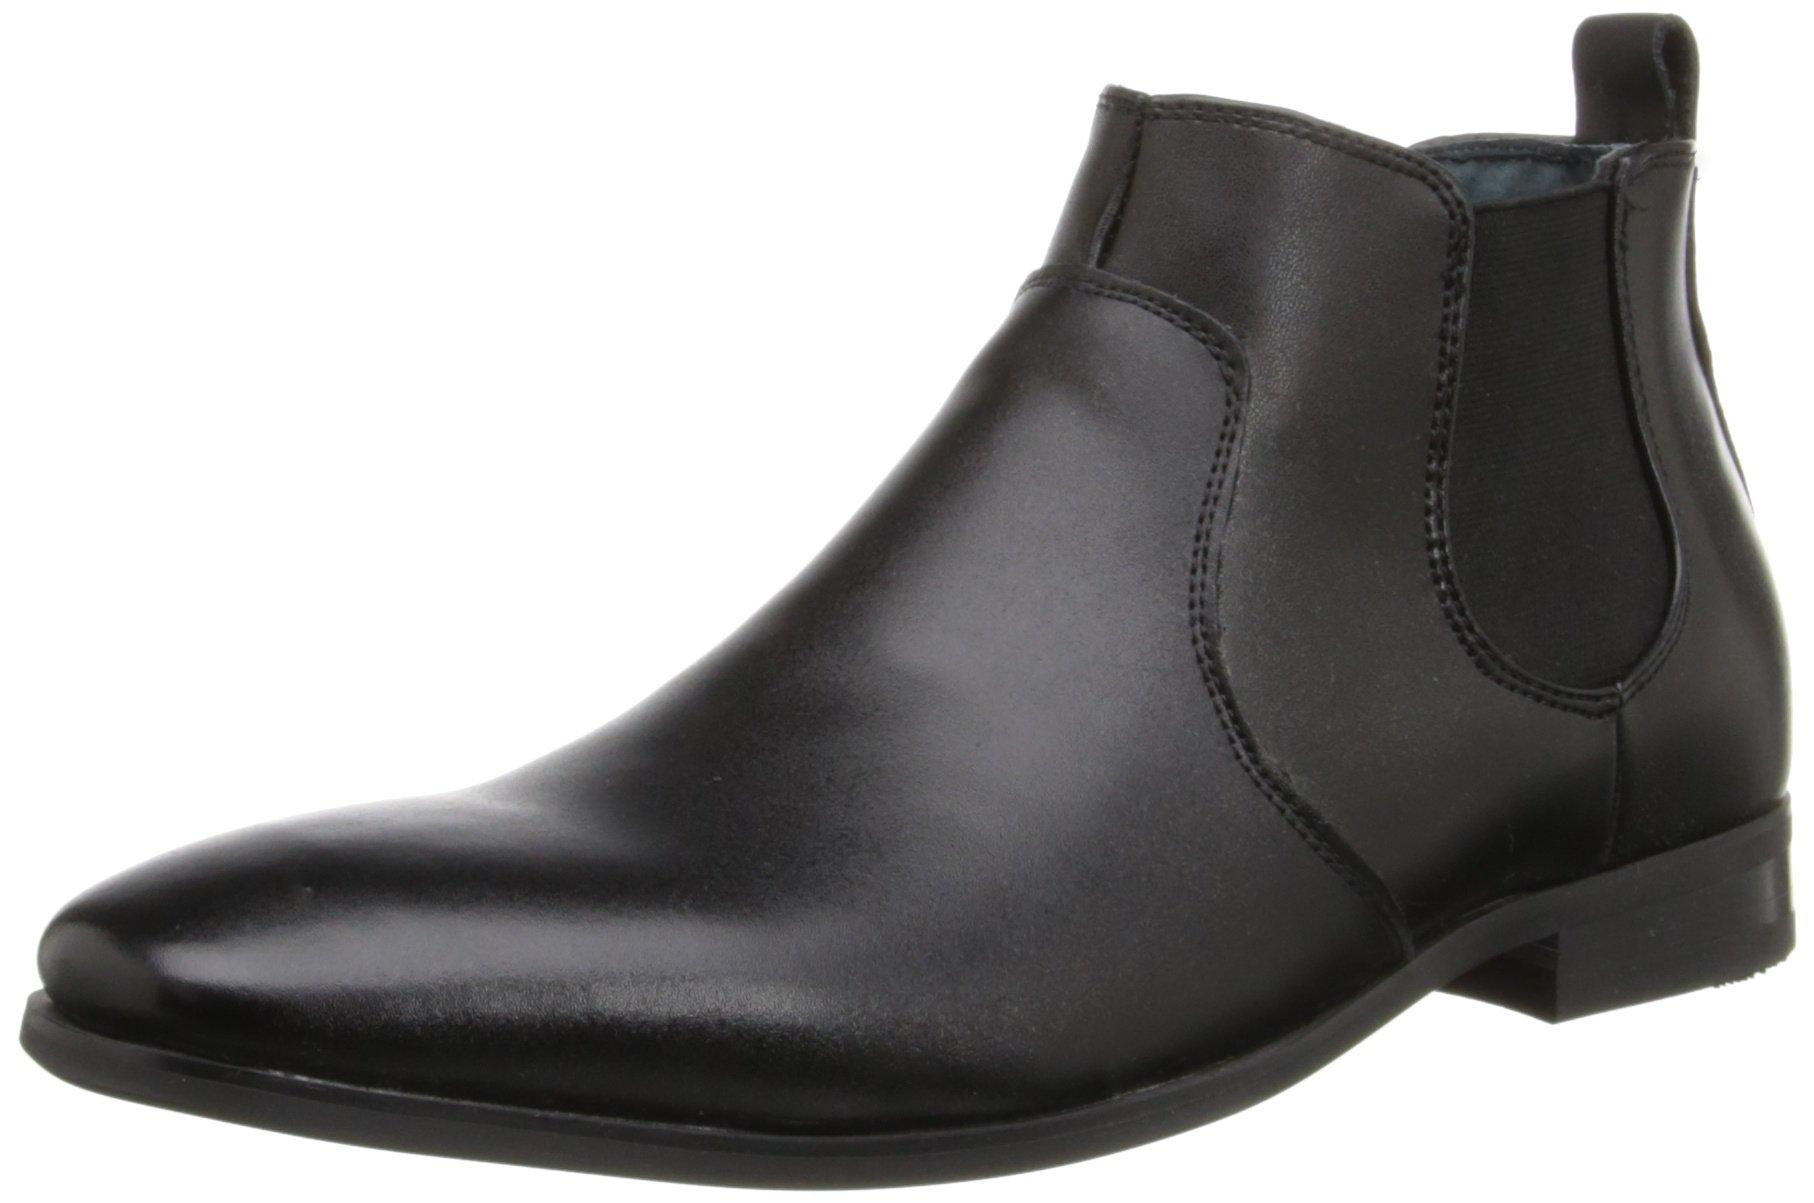 Giorgio Brutini Men's 17576 Boot,Black,9 D (M) US